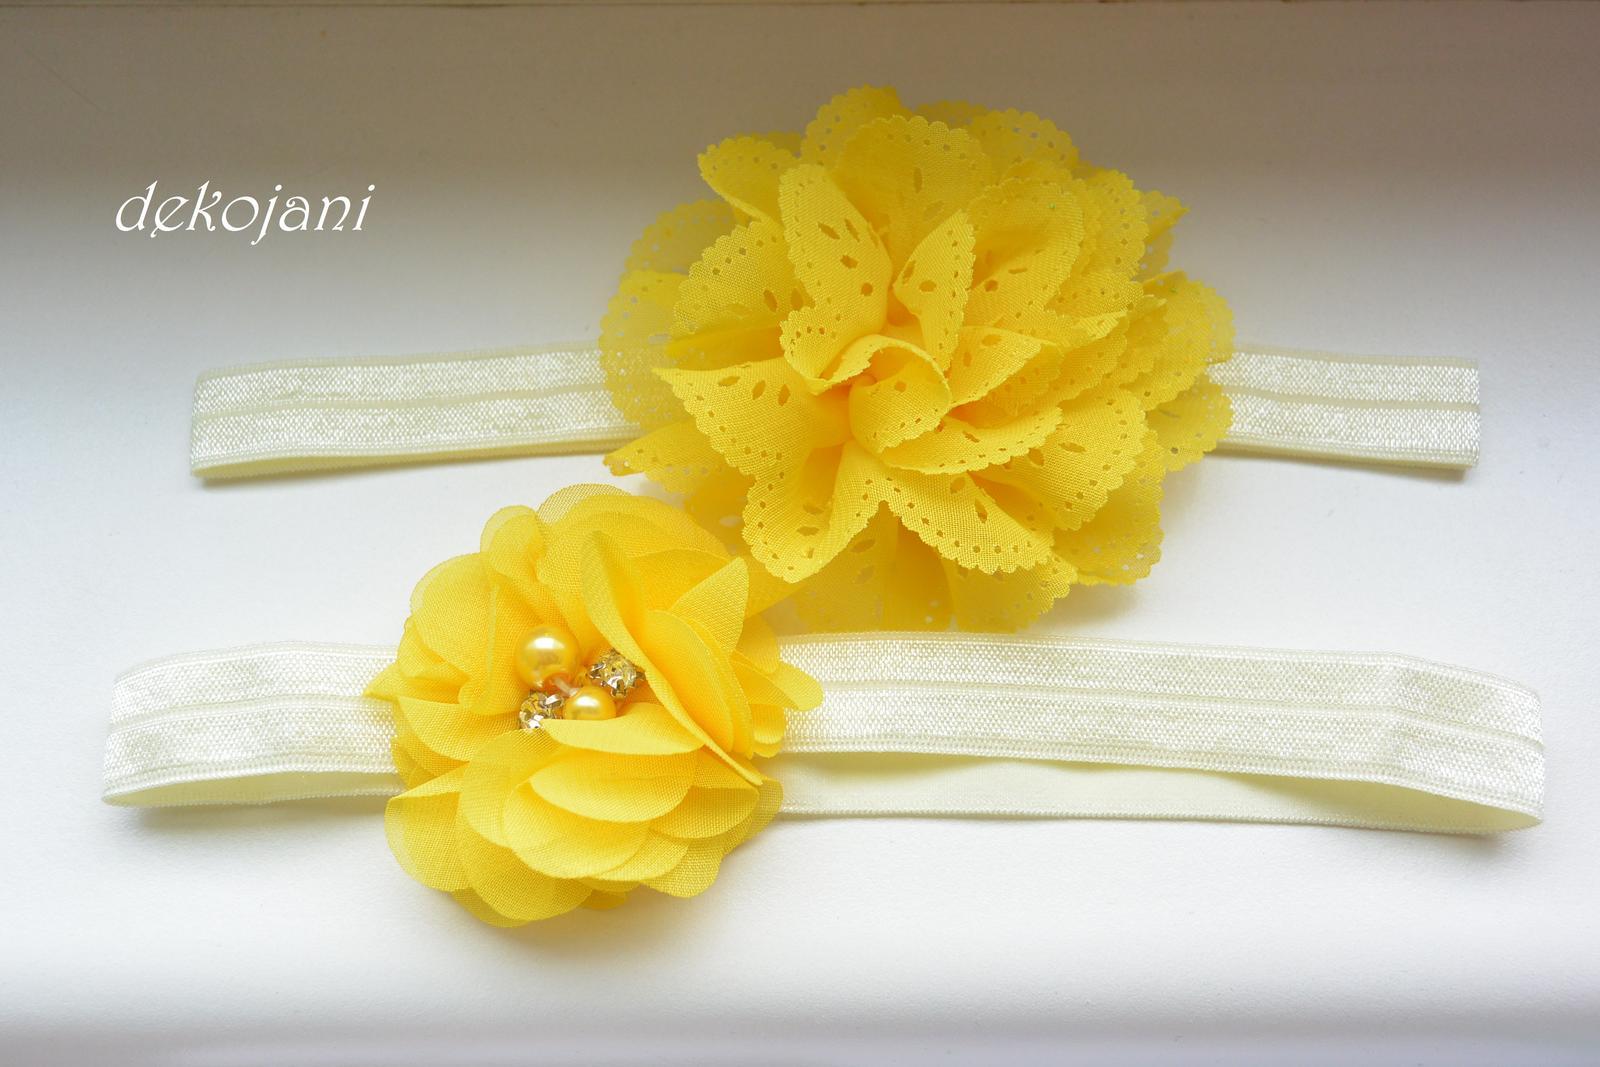 Čelenky, květiny do vlasů, náramky, obojek pro pejska... - Obrázek č. 49